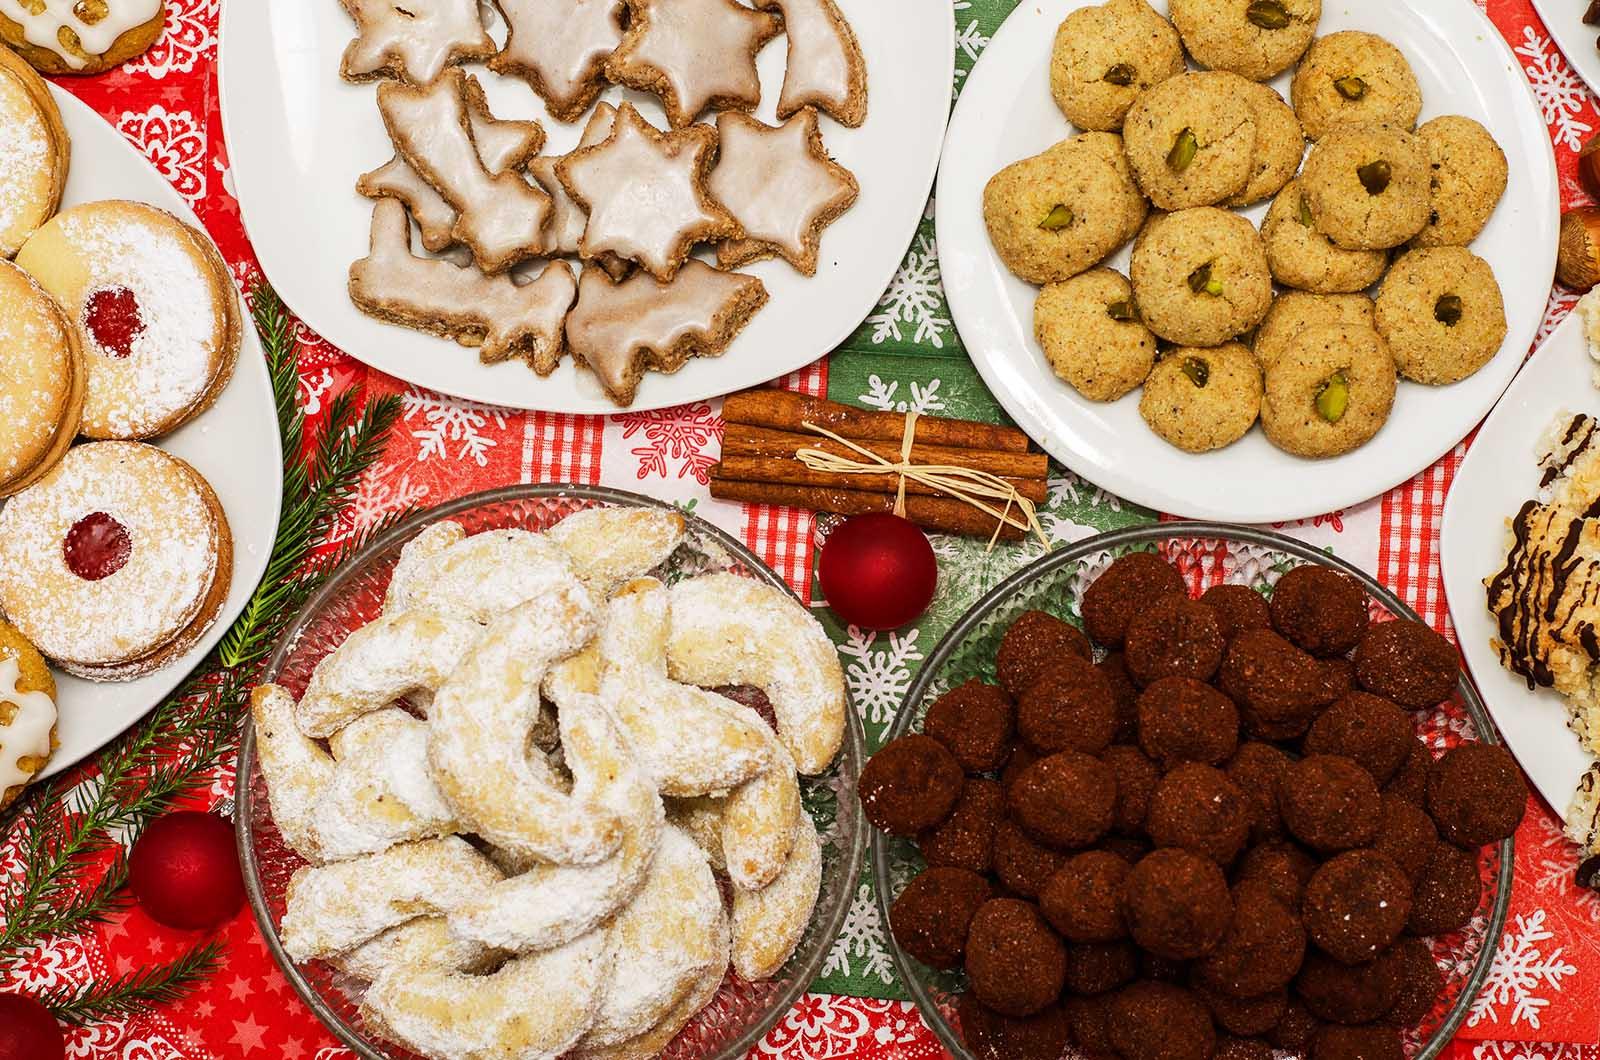 Vegane Weihnachtsplätzchen: Die 10 besten Rezepte